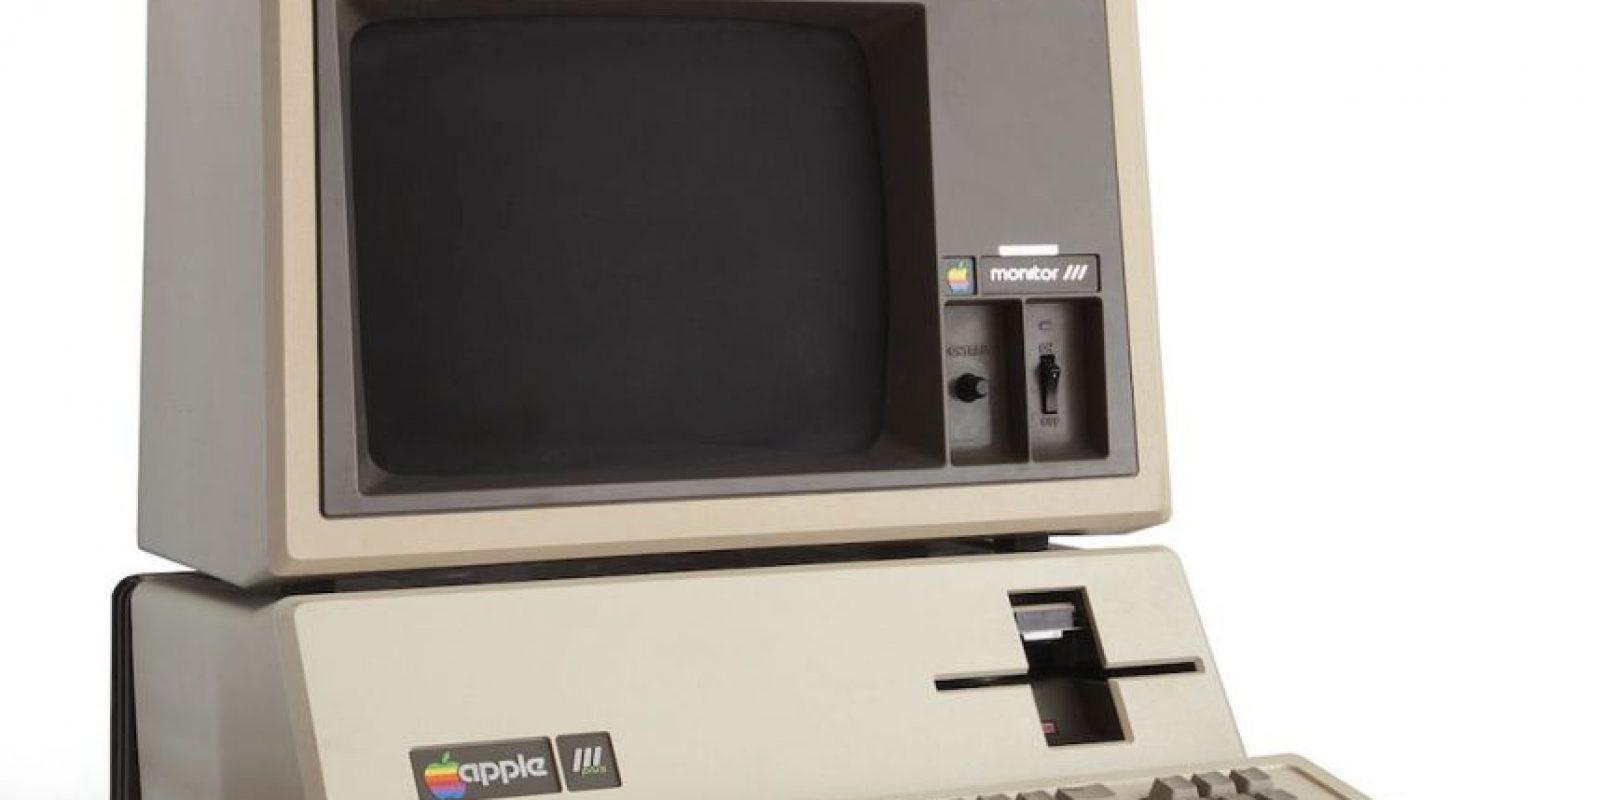 Apple III fue el orientador de negocios personal que esta empresa creó en 1980. Su torpeza y mal diseño fue lo que lo llevó al olvido. Foto:Vía commons.wikimedia.org